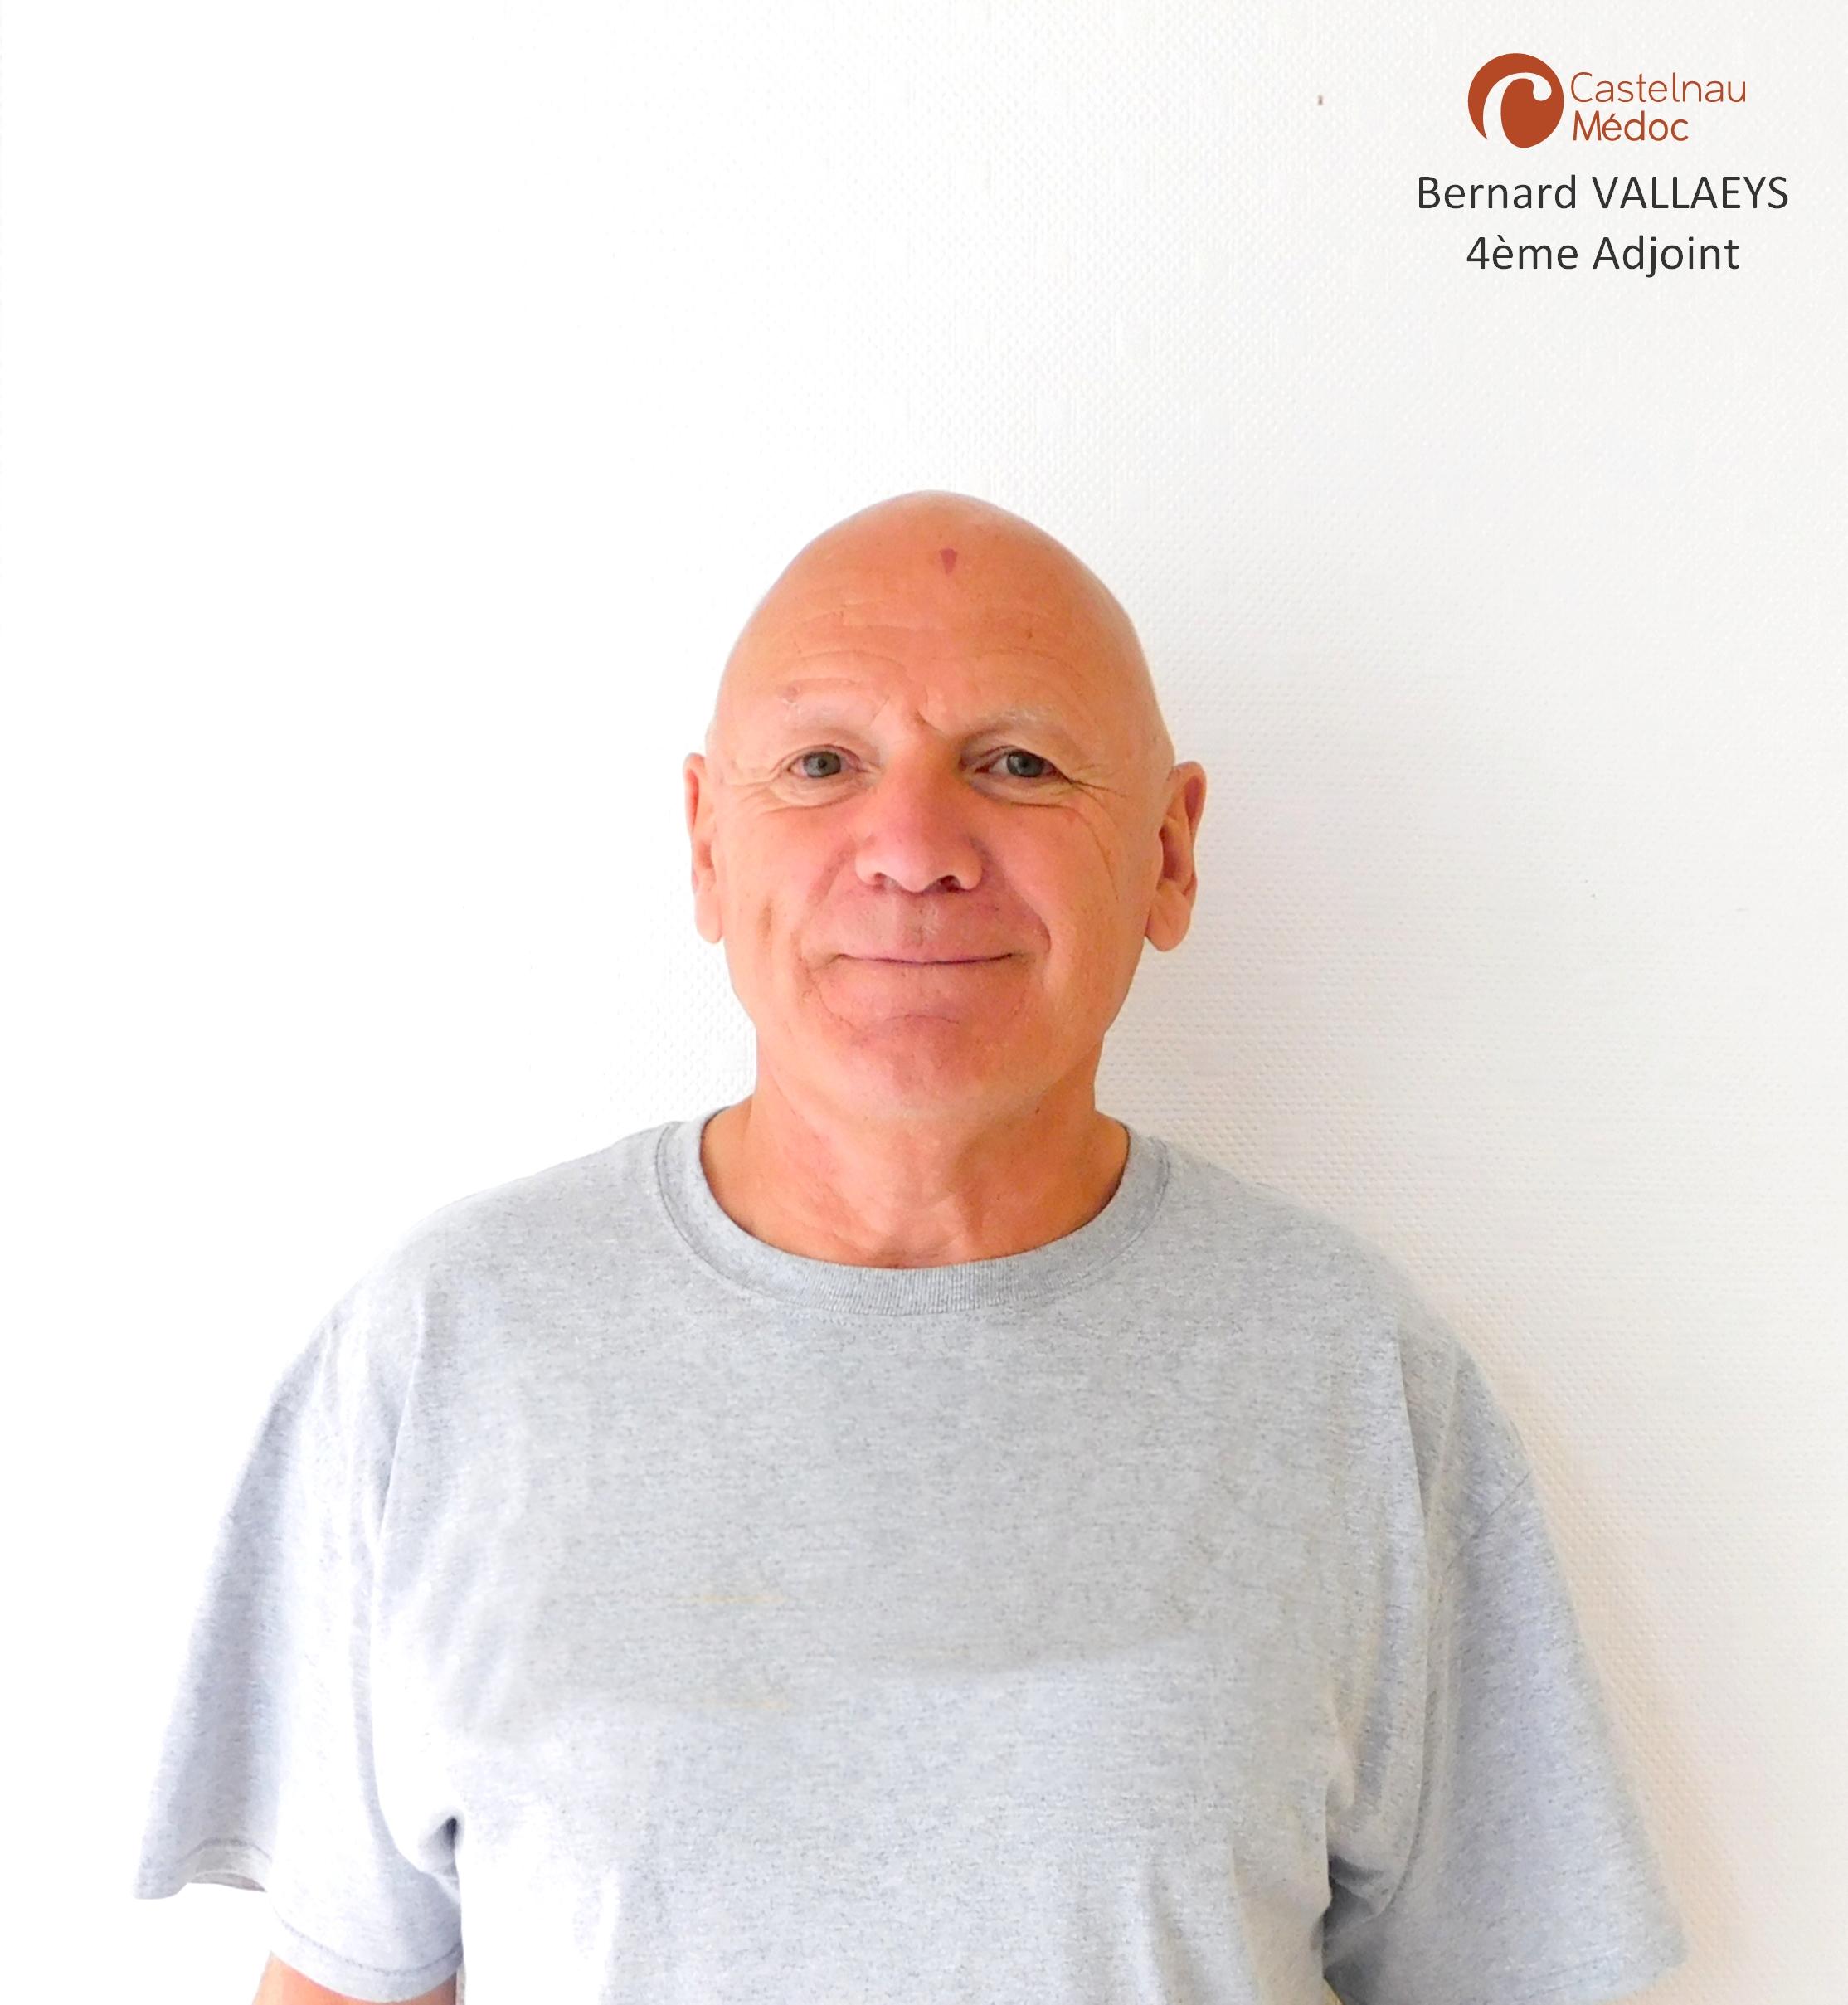 Bernard VALLAEYS